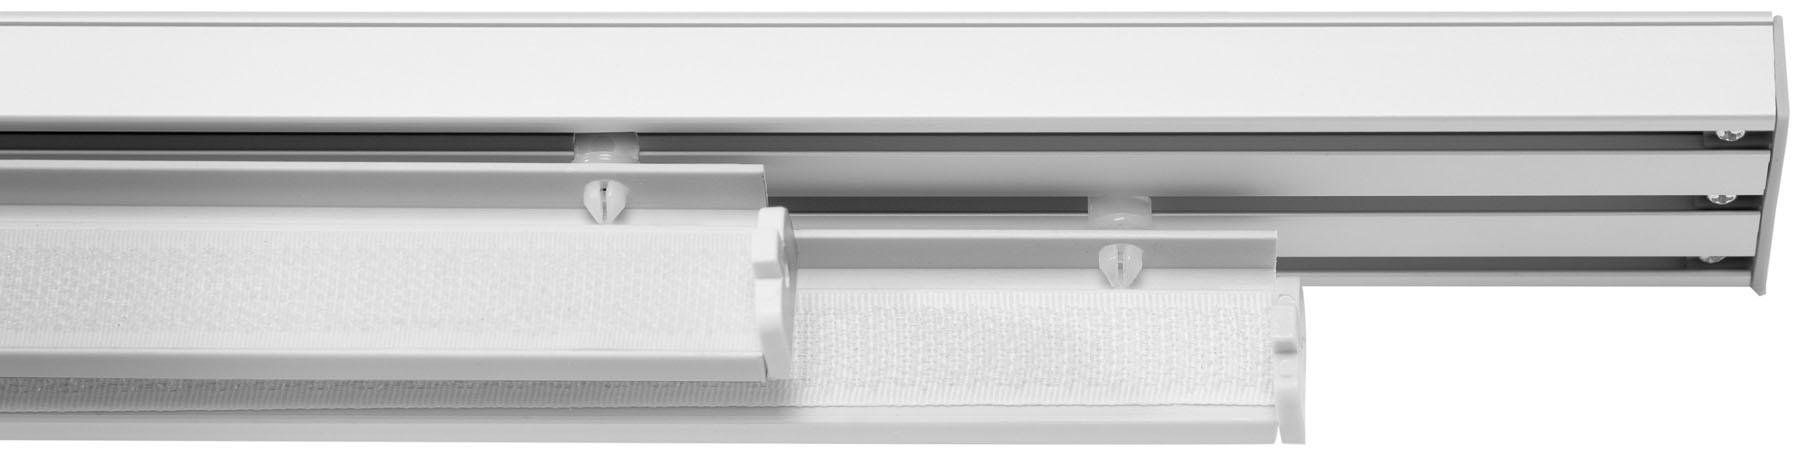 Op zoek naar een LICHTBLICK paneelwagen met een breedte van 60 cm, inclusief klittenband (1 stuk)? Koop online bij OTTO